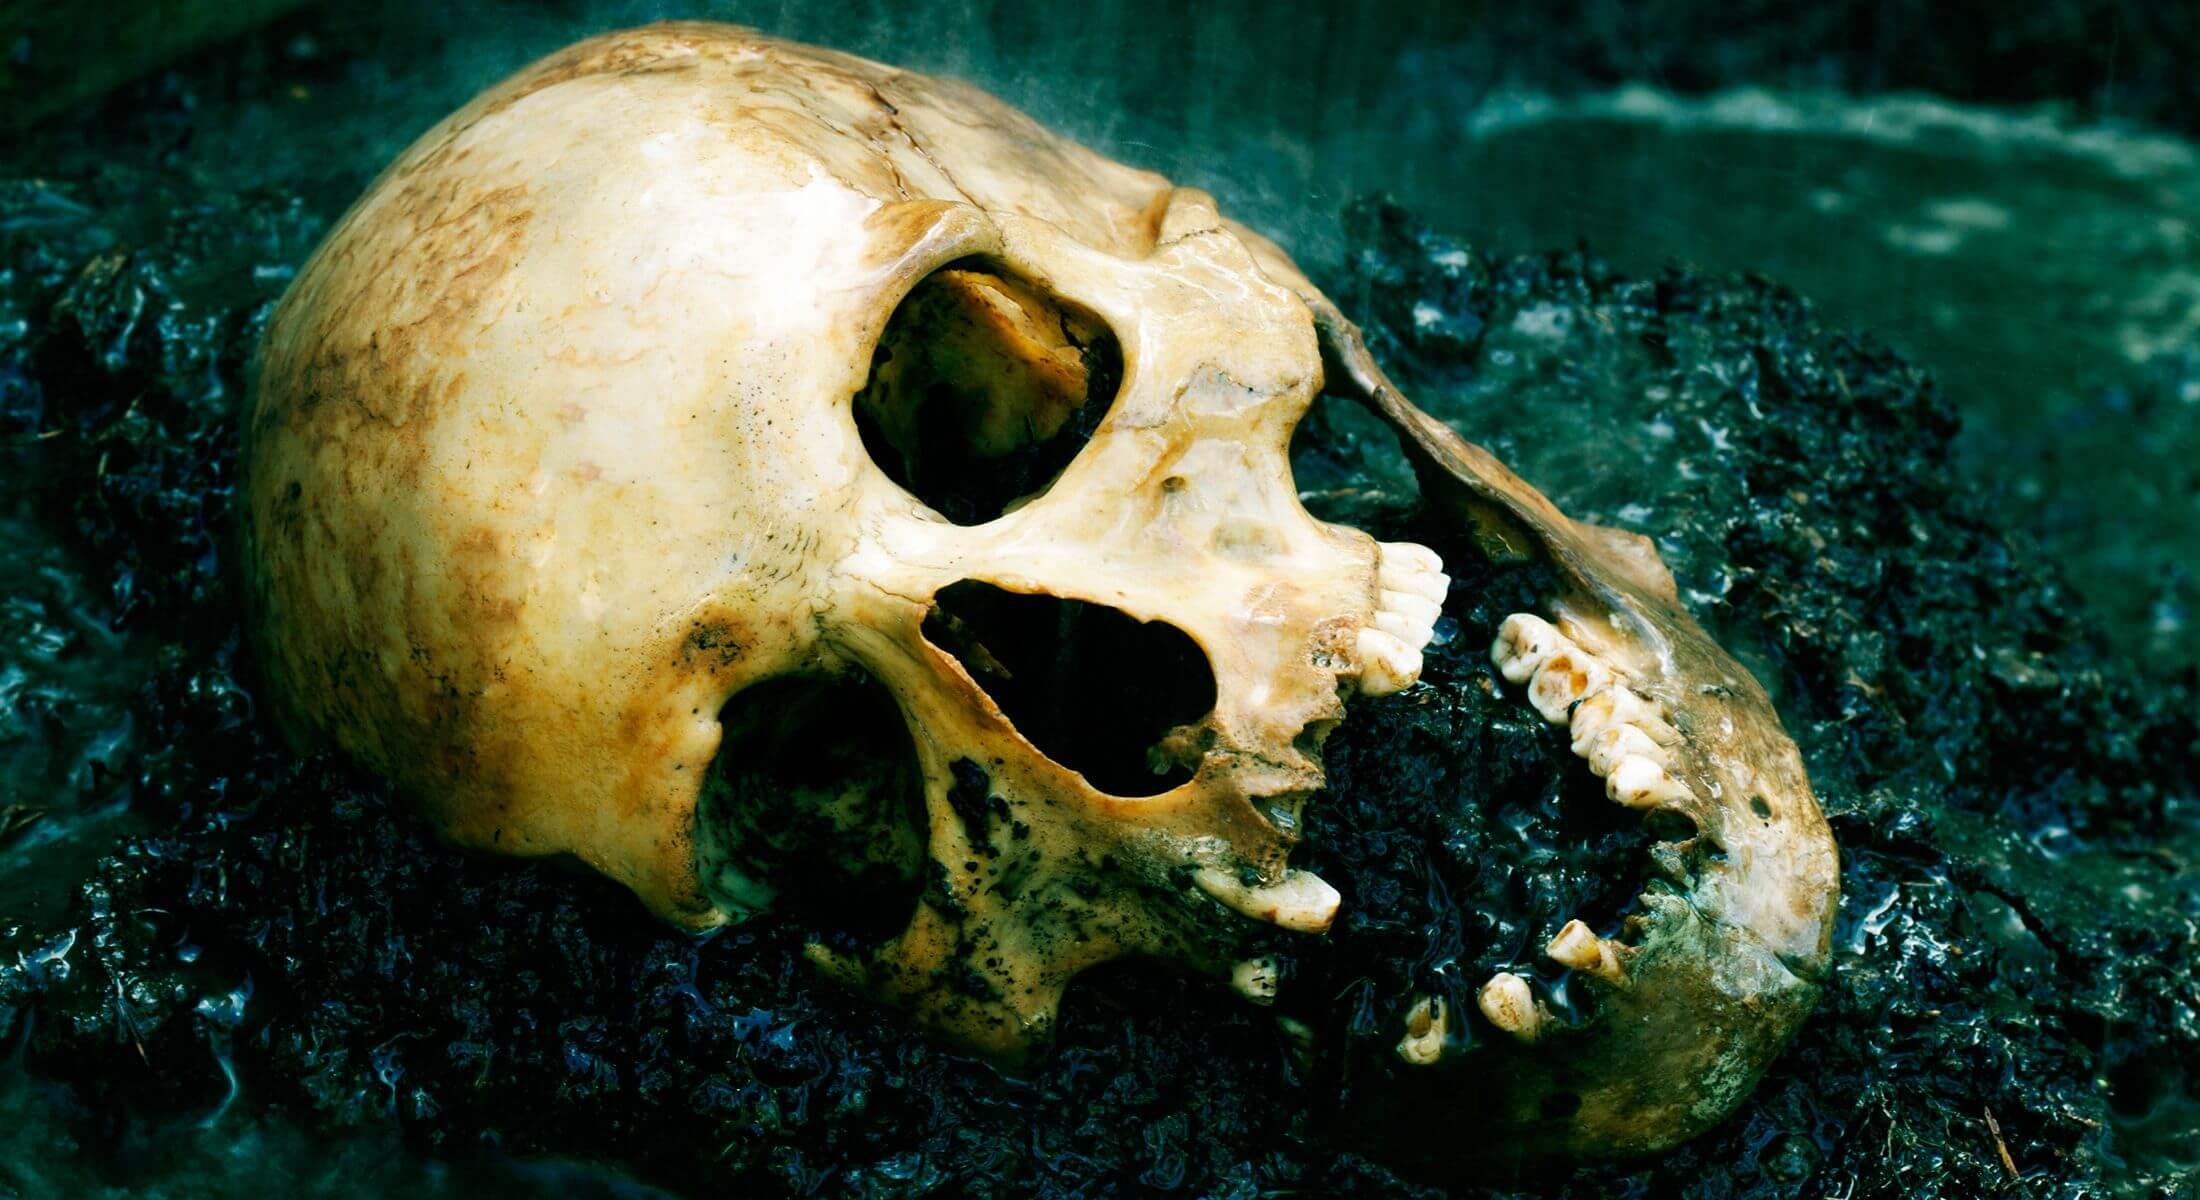 Real human skull figured as crime scene